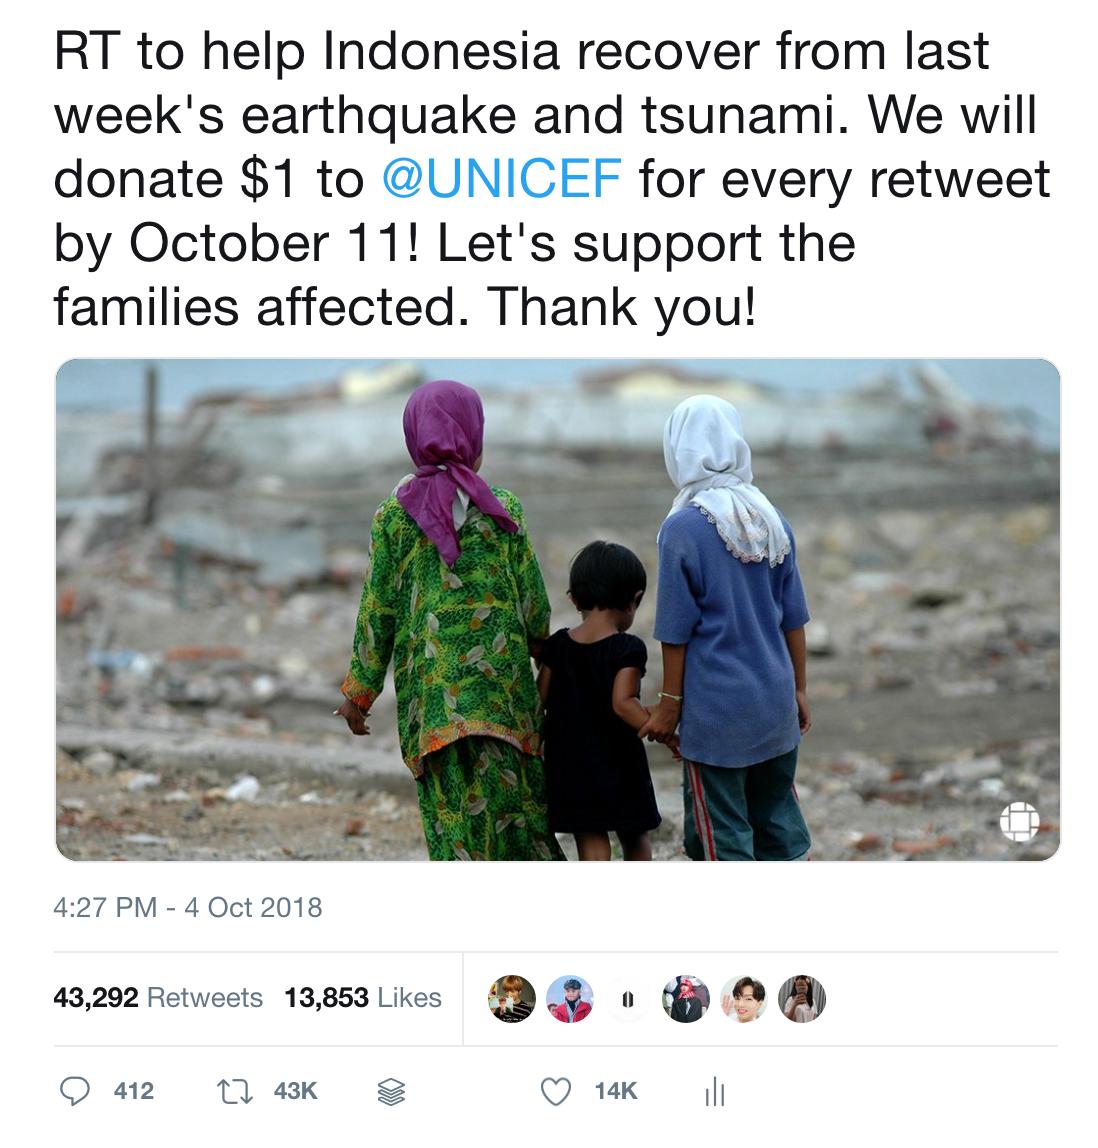 Brightwell Indonesia tsunami relief UNICEF campaign 2018